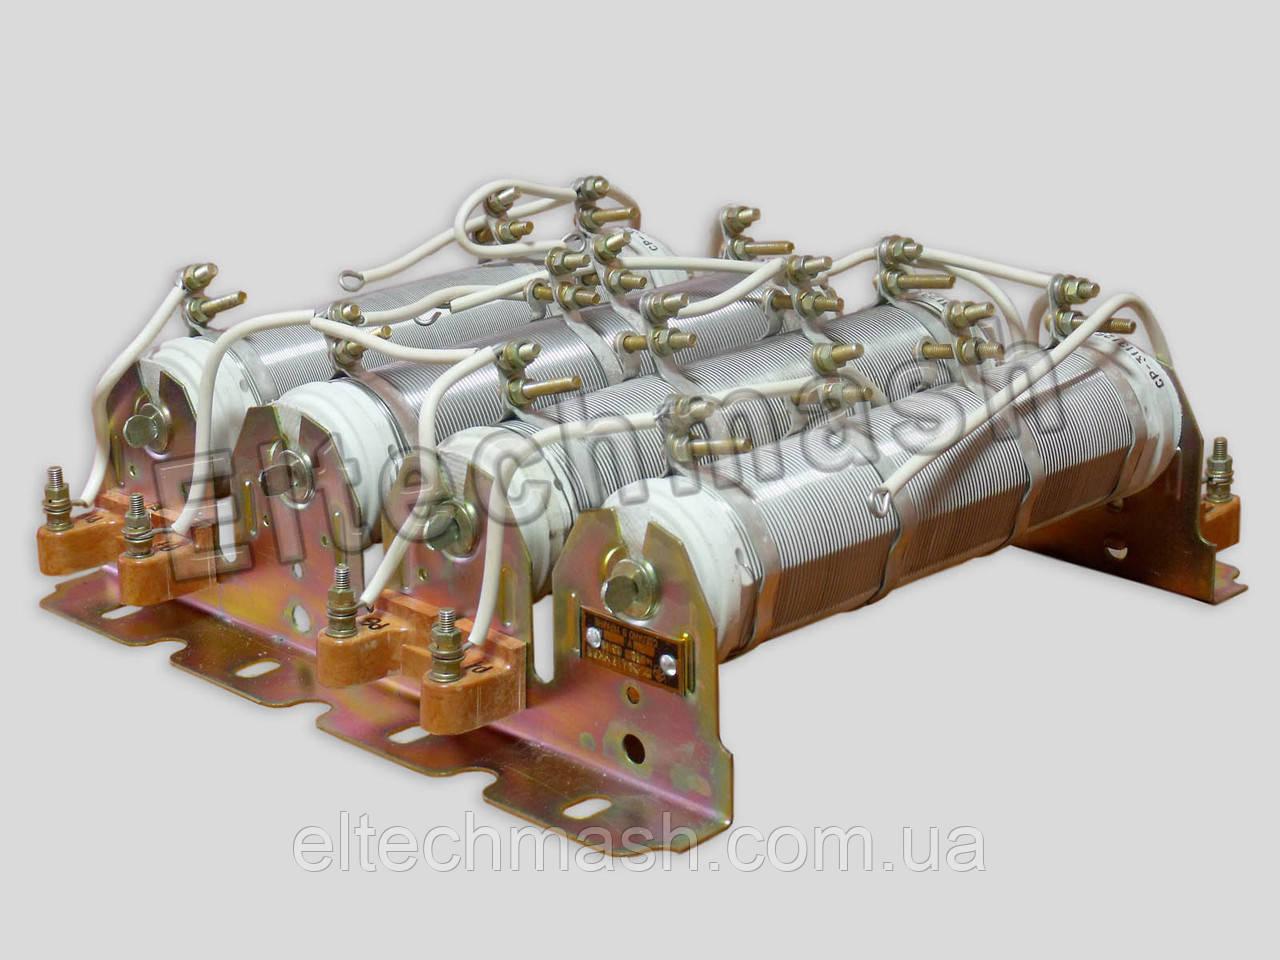 Резистор ПС-50418 УХЛ2, 2ТХ.772.008.184, ИАКВ.434173.003-120